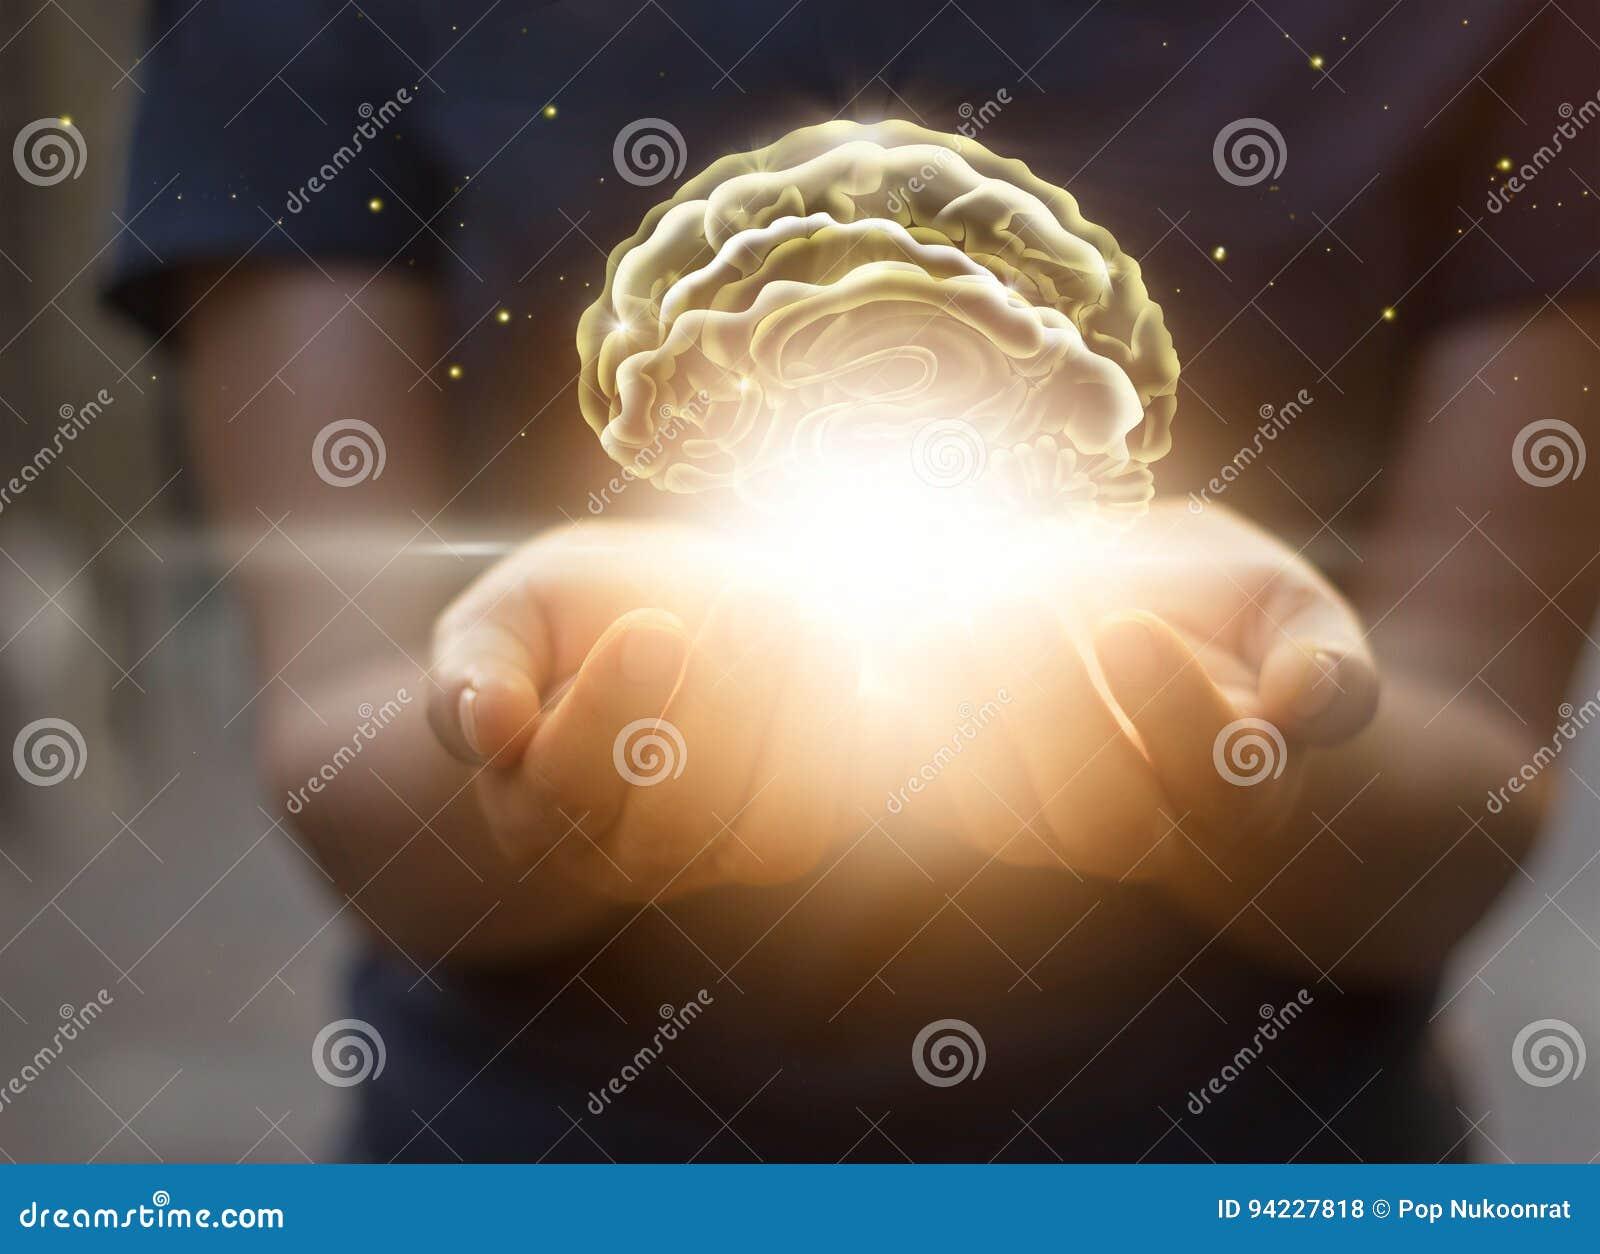 Palmensorgfalt Und Schützt Virtuelles Gehirn, Innovative Technologie ...